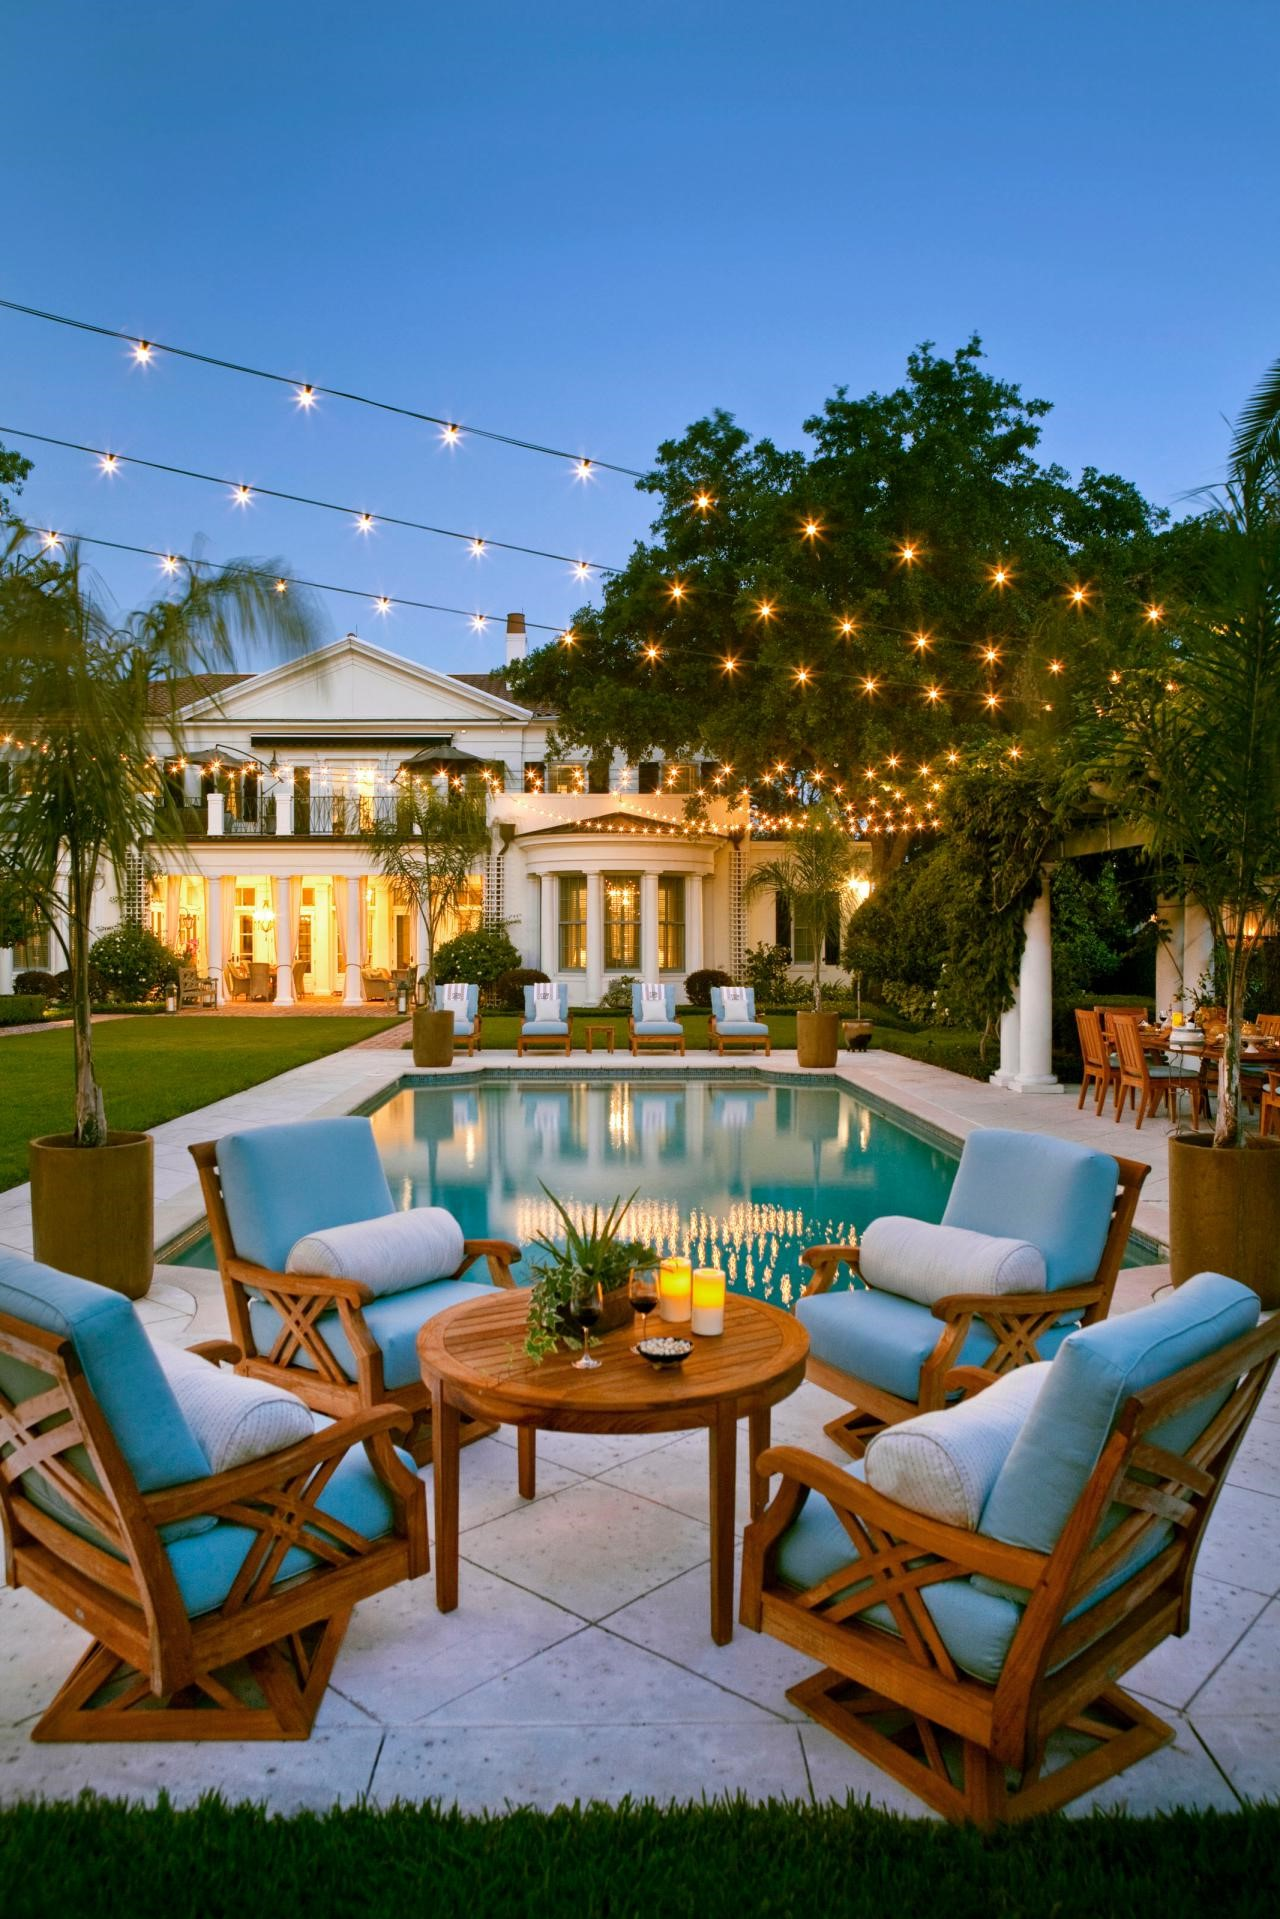 Les piscines semi-enterrées sont particulièrement belles avec une terrasse autour!